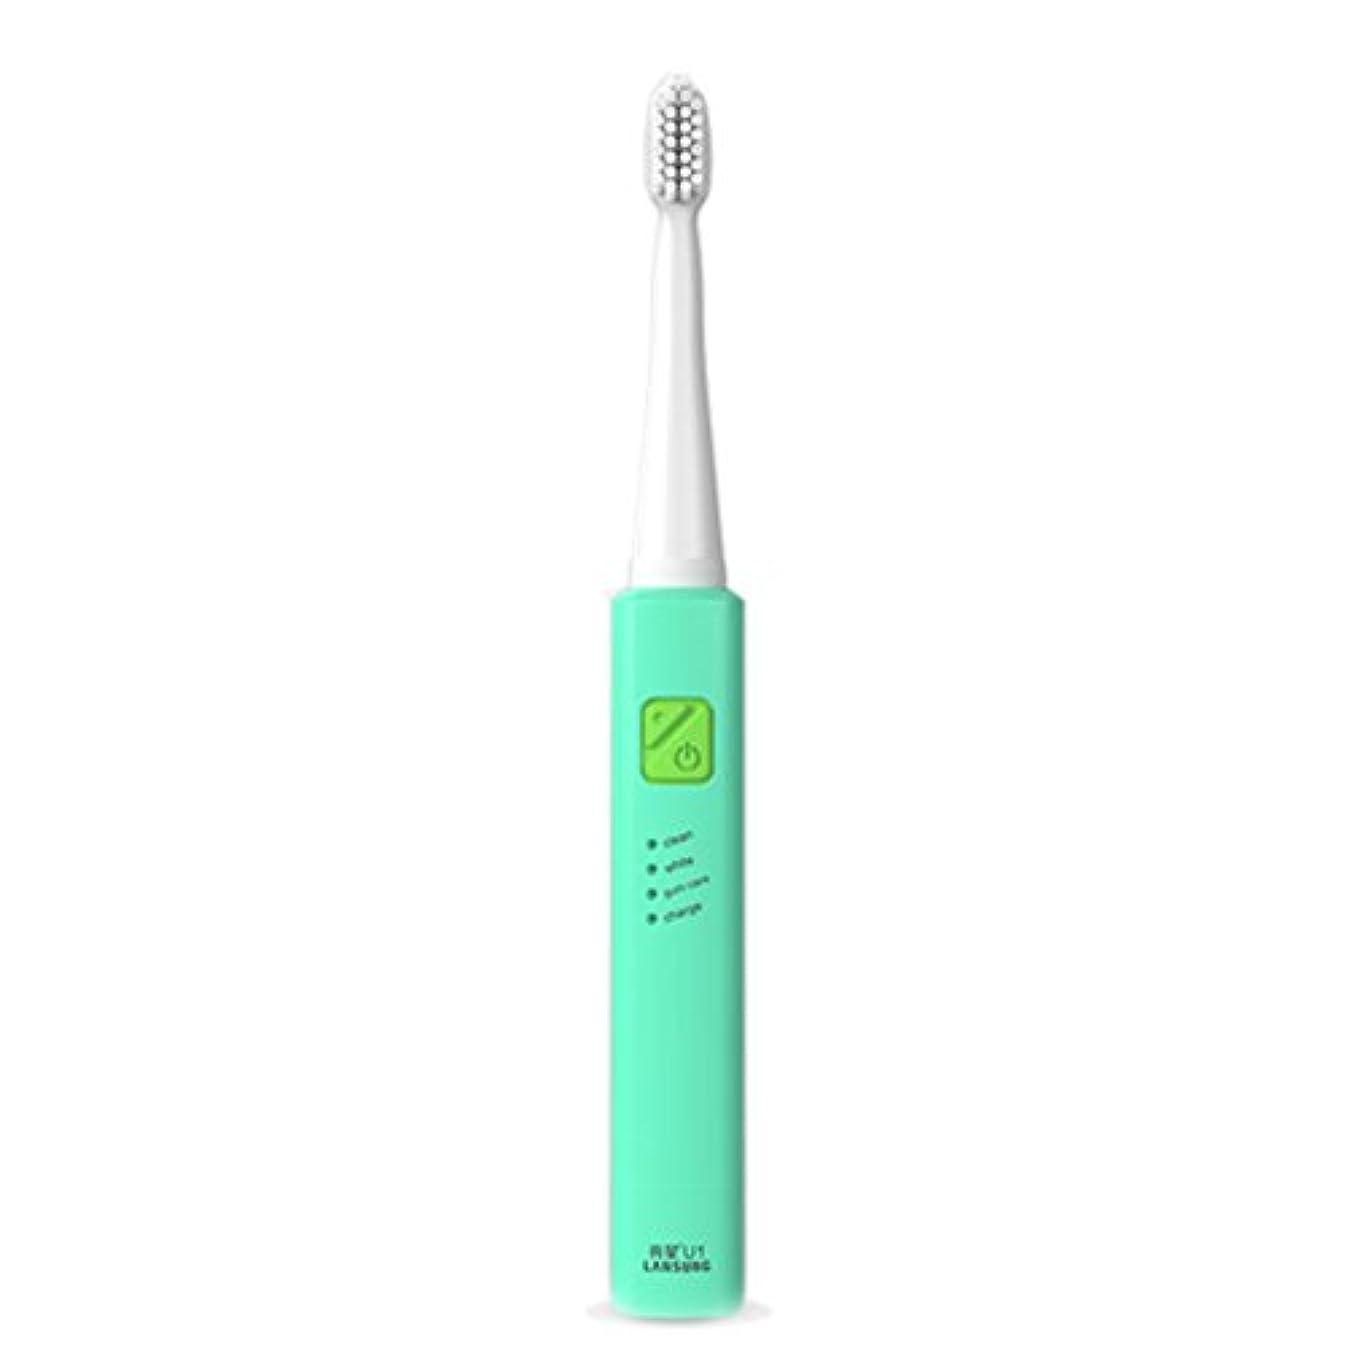 植物学聴く評議会電子歯ブラシ 超音波ロータリー ノンスリップ防水歯ブラシ 歯科口腔衛生